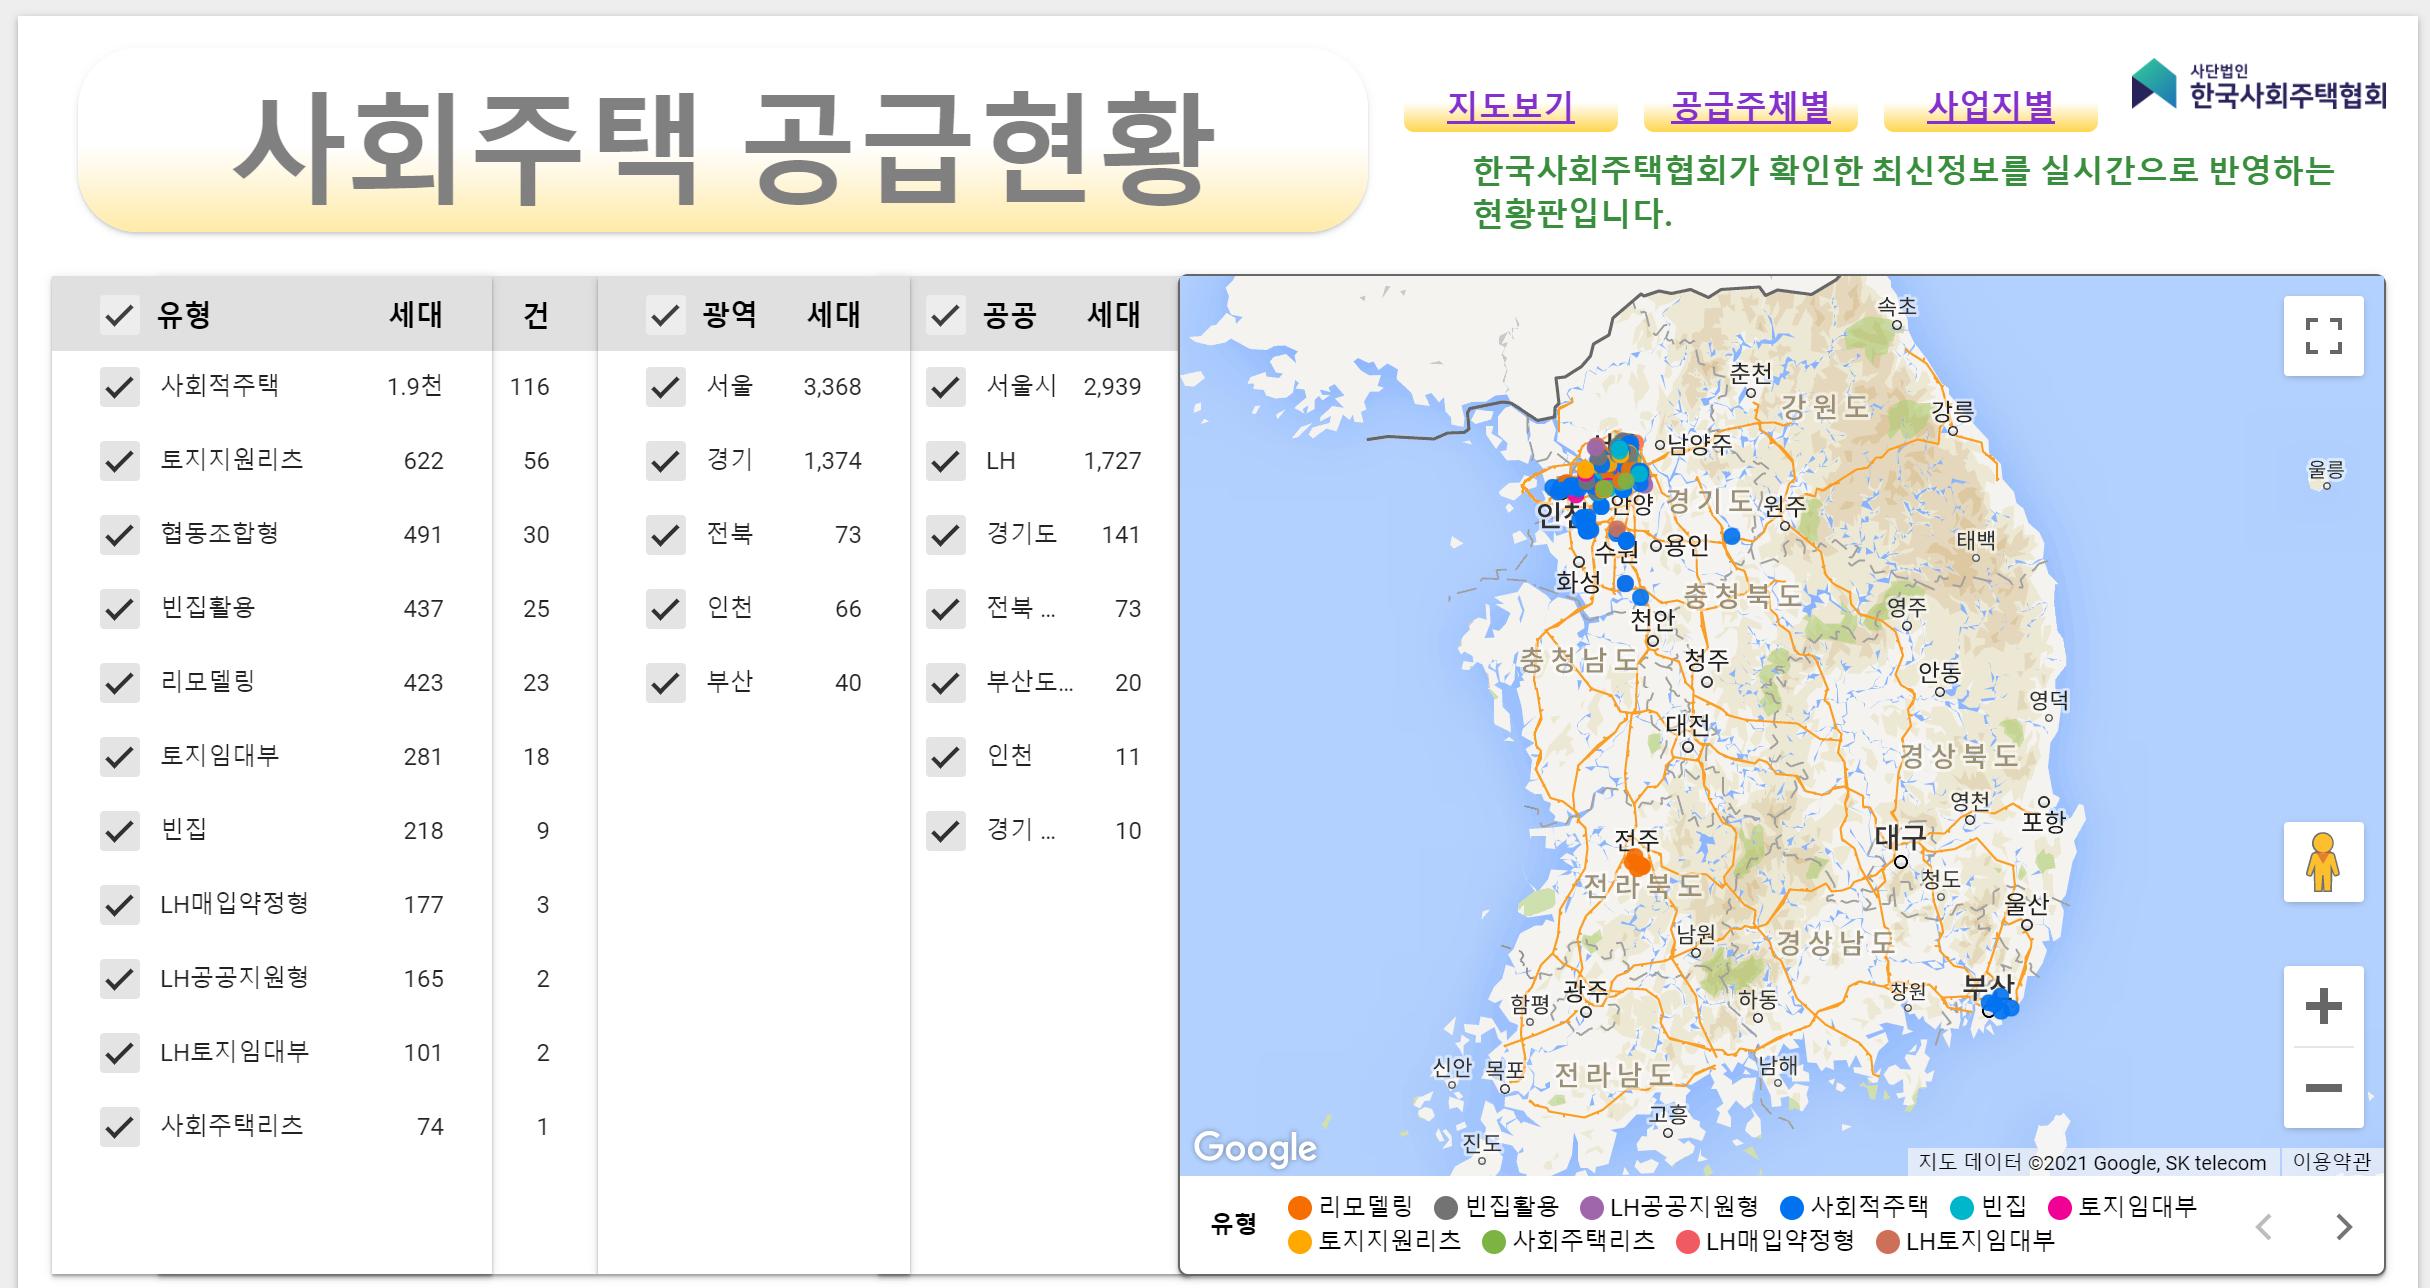 사회주택 공급현황_preview.png